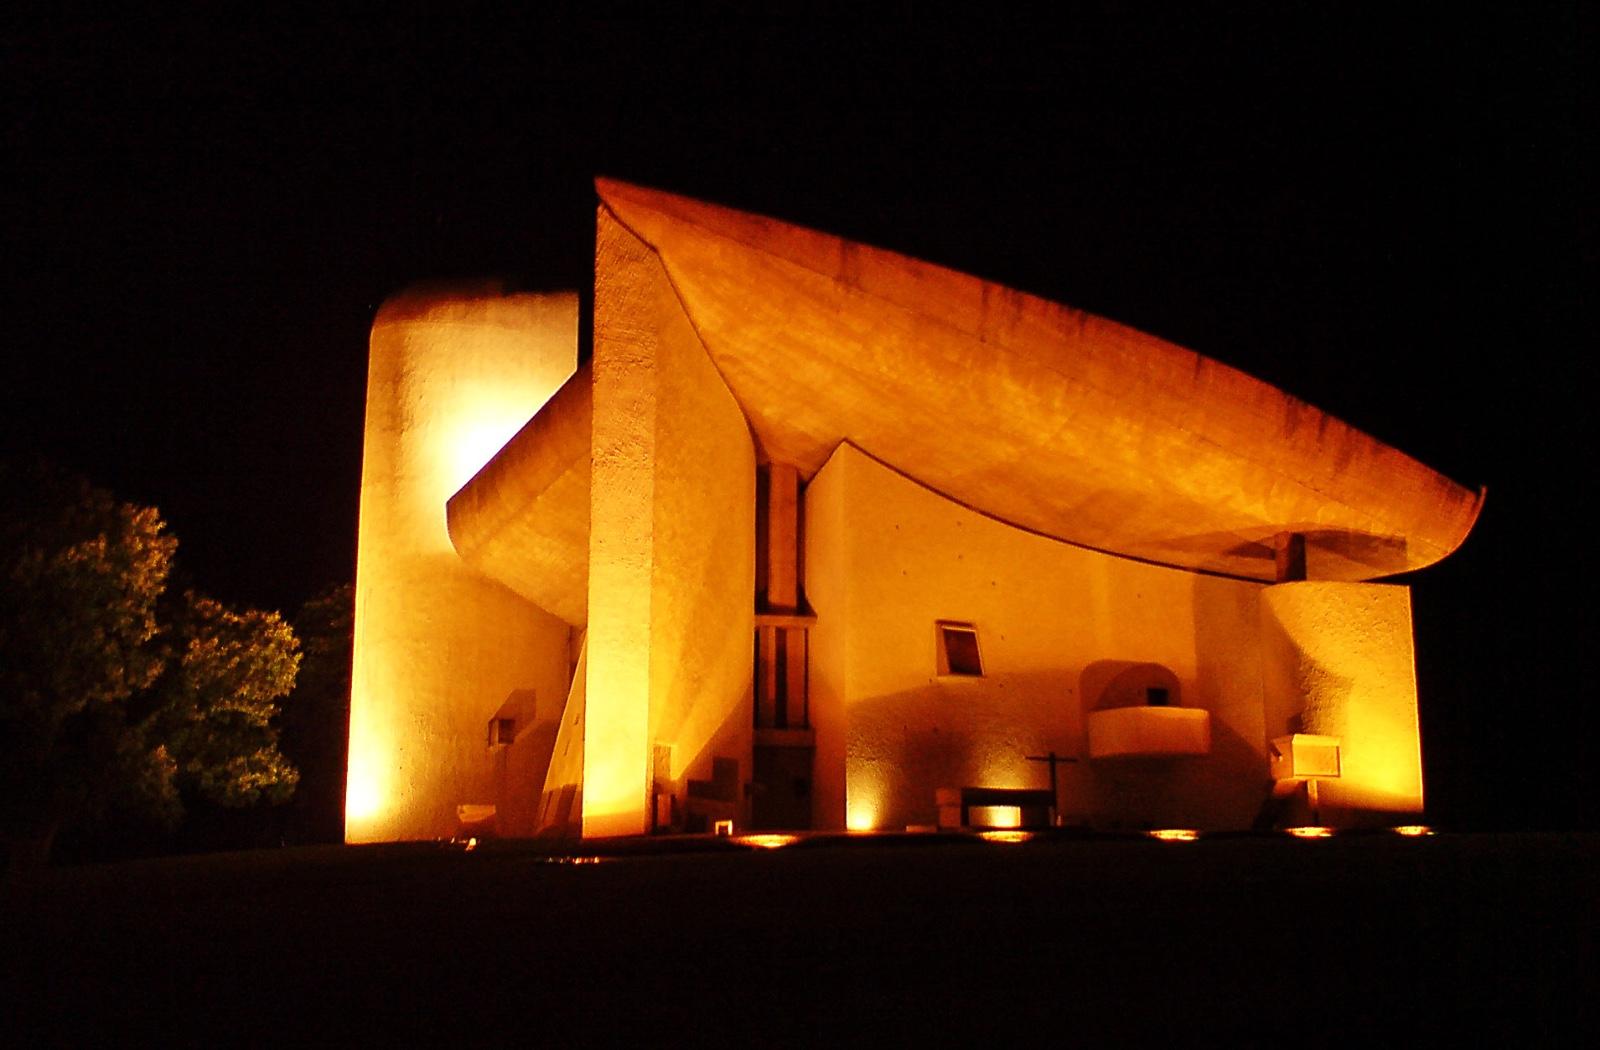 前几天在里昂西北部大约30公里的小镇Eveux,看到了著名建筑师勒柯布西耶设计的拉图雷特修道院(Couvent Sainte-Marie de La Tourette),的确是颠覆了传统的视觉感官,也深深的折服于大师的几何学造诣。  那这是一所怎样的修道院呢?这又是一个怎样的现代建筑的大成之作?关于柯布西耶设计到的方方面面太多,享法妹今天就从这个修道院说起吧。  这个修道院开始设计于1953年,开工于1956年,隶属于多米内克派管区修道院总会,由近百个修道士房间、图书室、餐厅和圣堂等构成。说它是大成之作,